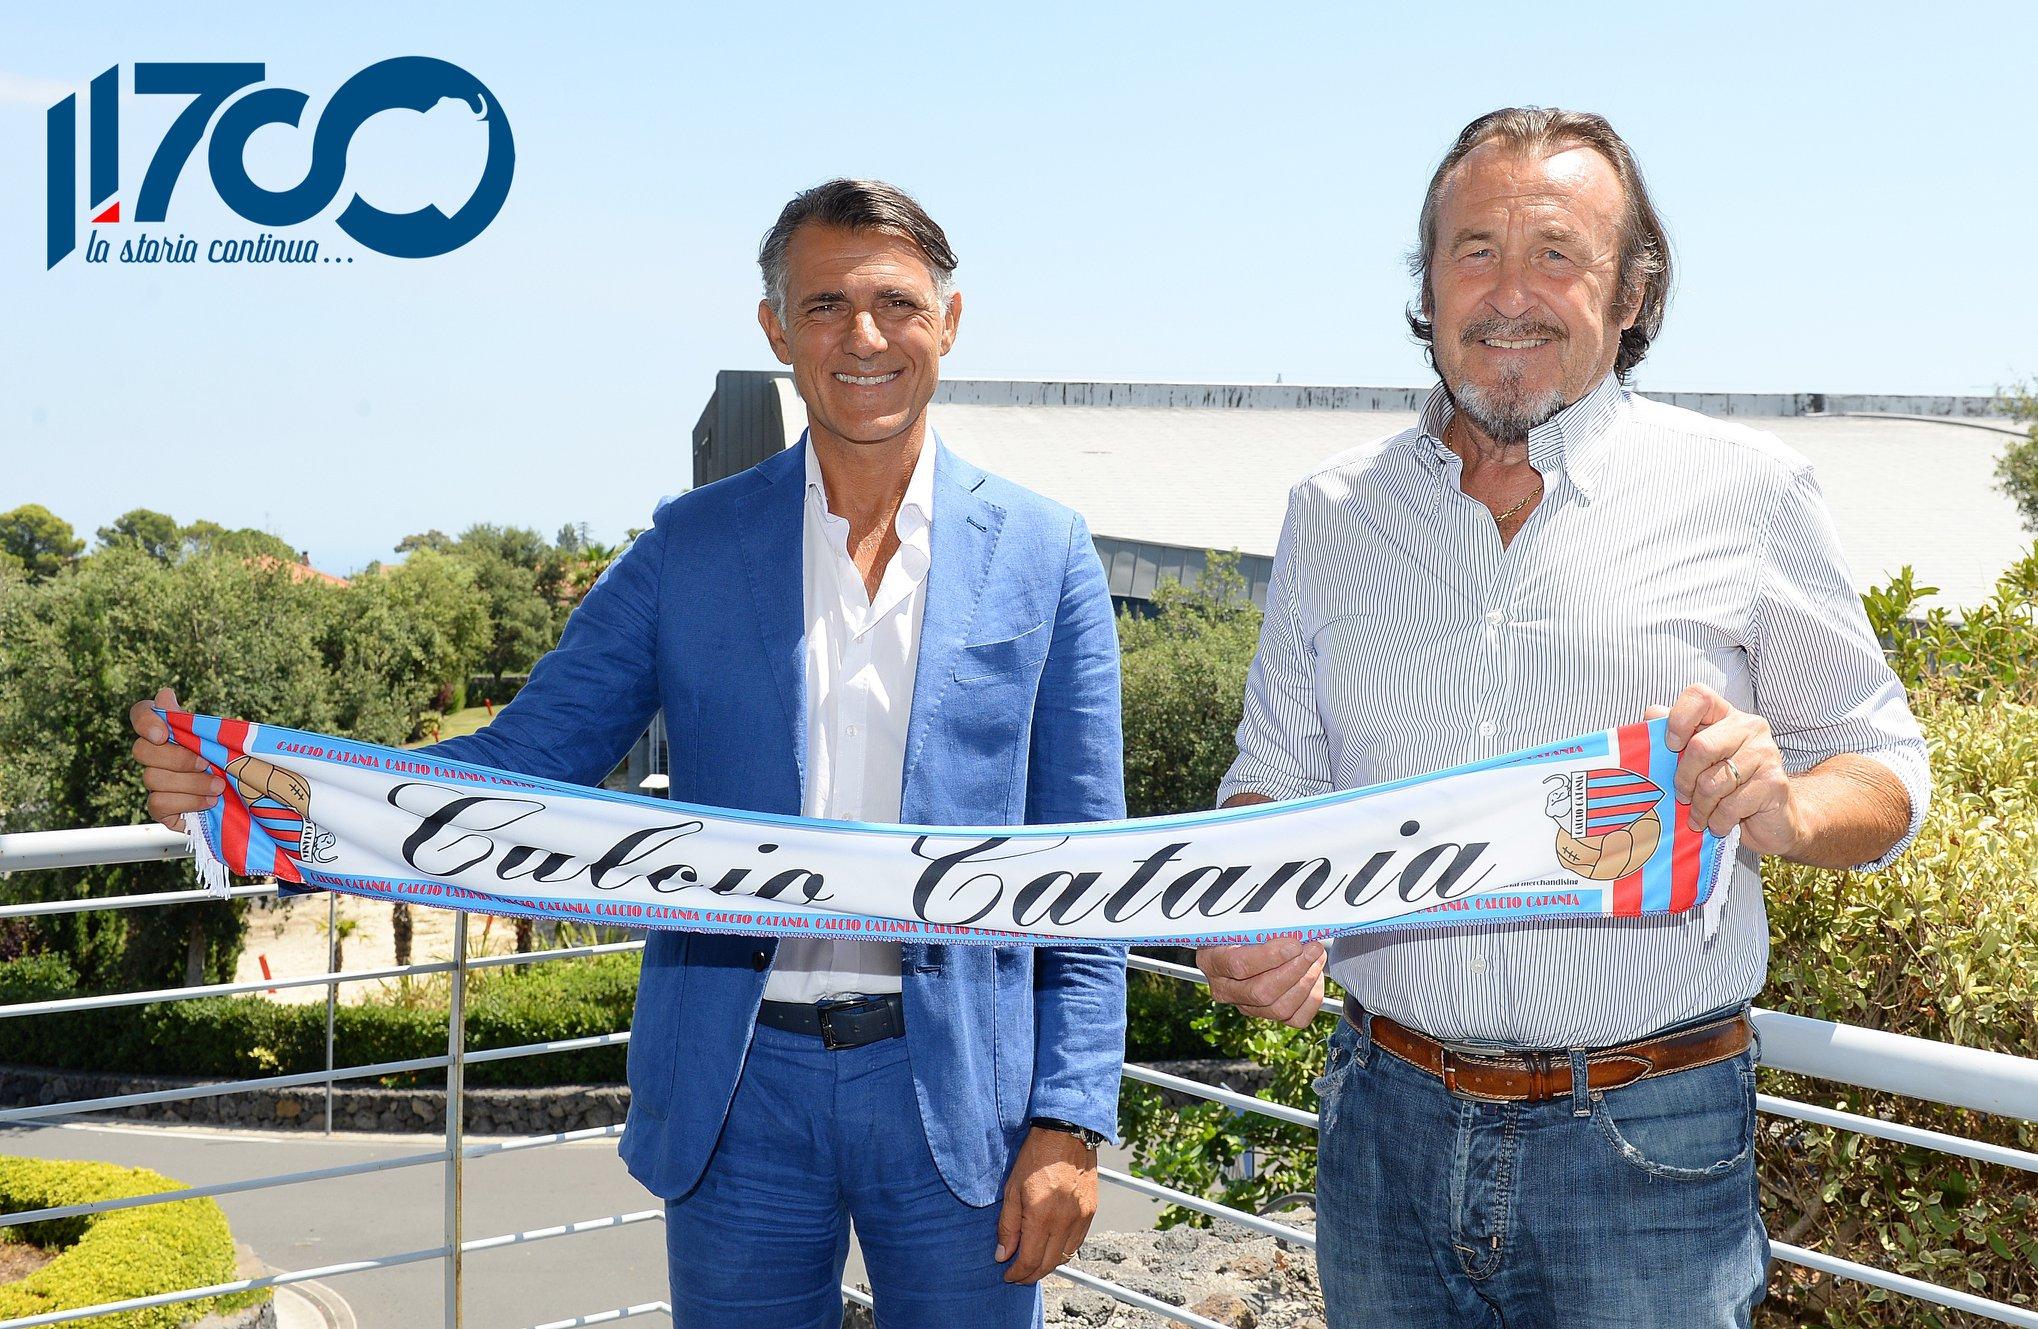 """Calcio Catania, settore giovanile, prima squadra e 'progetto rilancio', Guerini a Newsicilia: """"Creiamo un modello"""""""